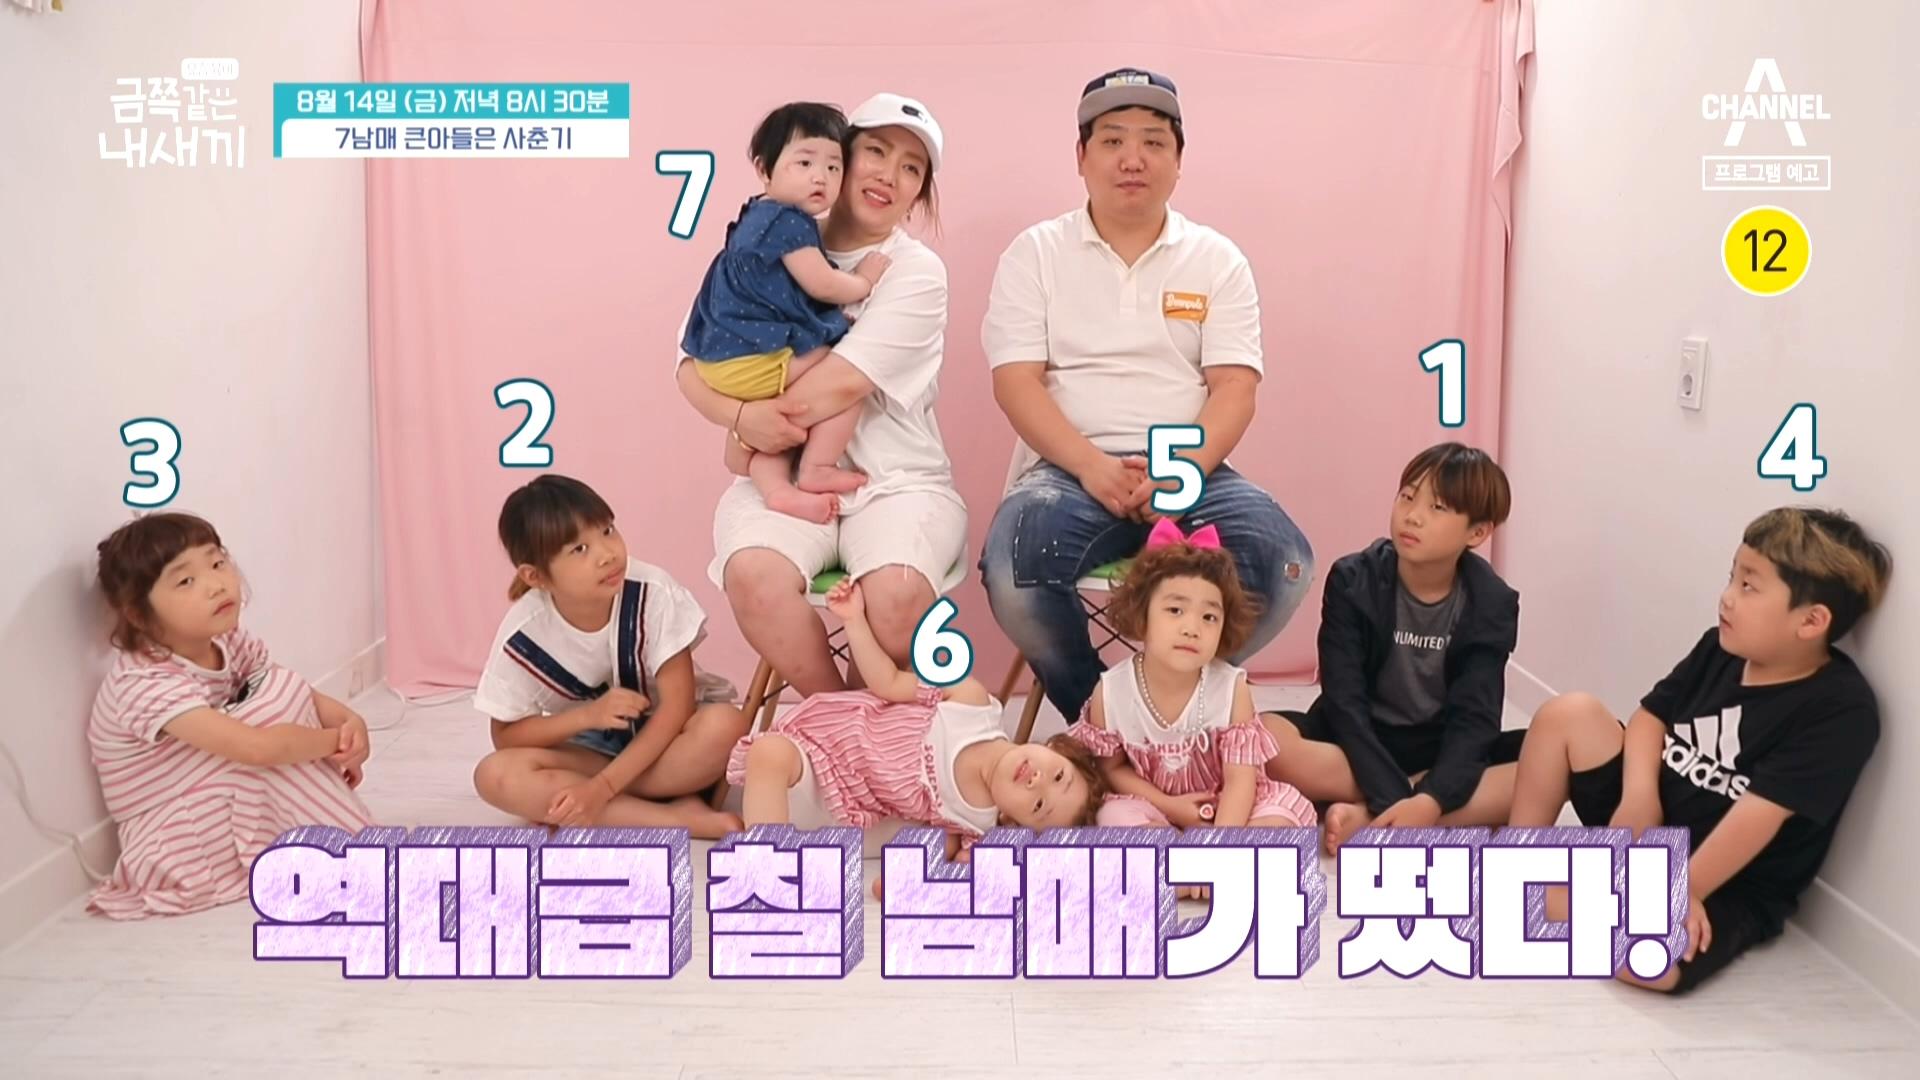 [예고] 7남매를 키우는 육아의 신이 등장했다..?! 이미지